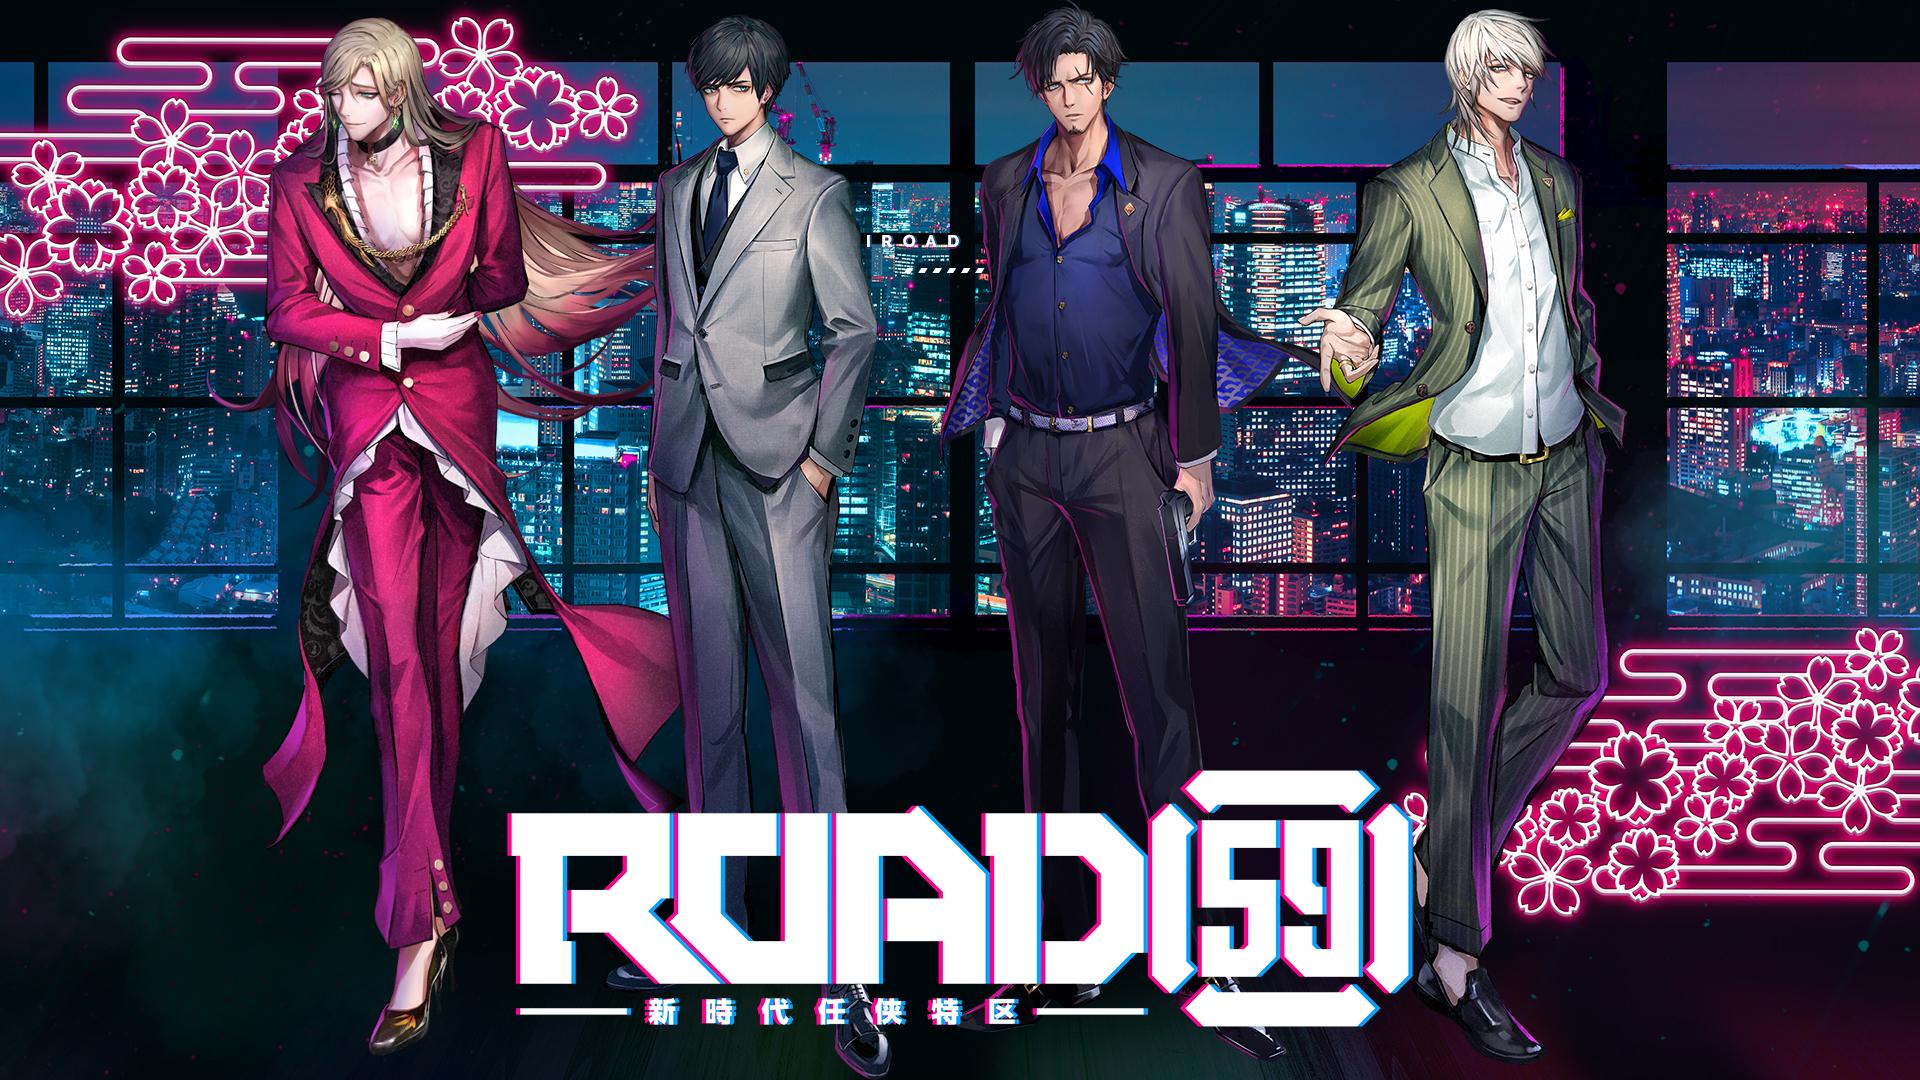 ブシロード新メディアミックスプロジェクト「ROAD59 -新時代任侠特区-」